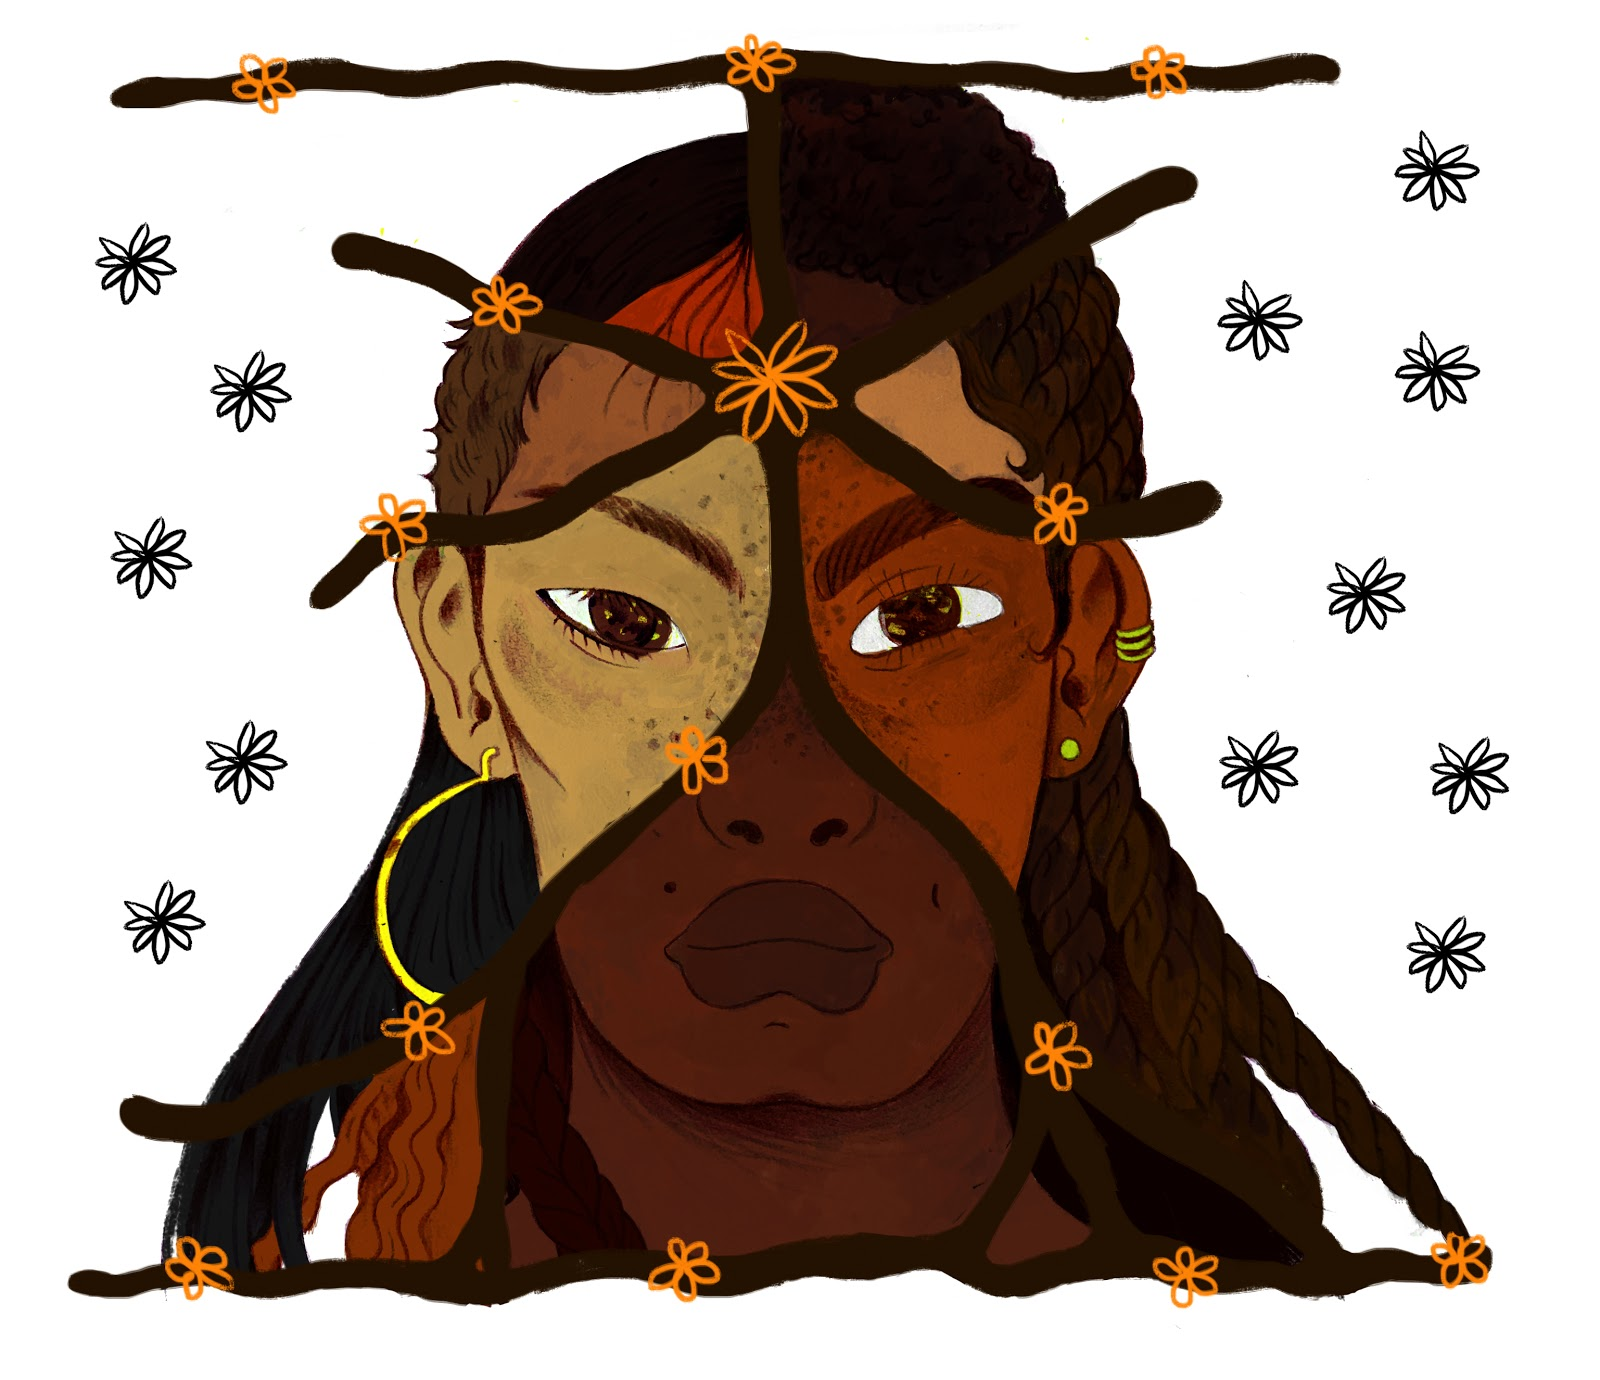 Ilustração de uma mulher com varias tonalidades de pele